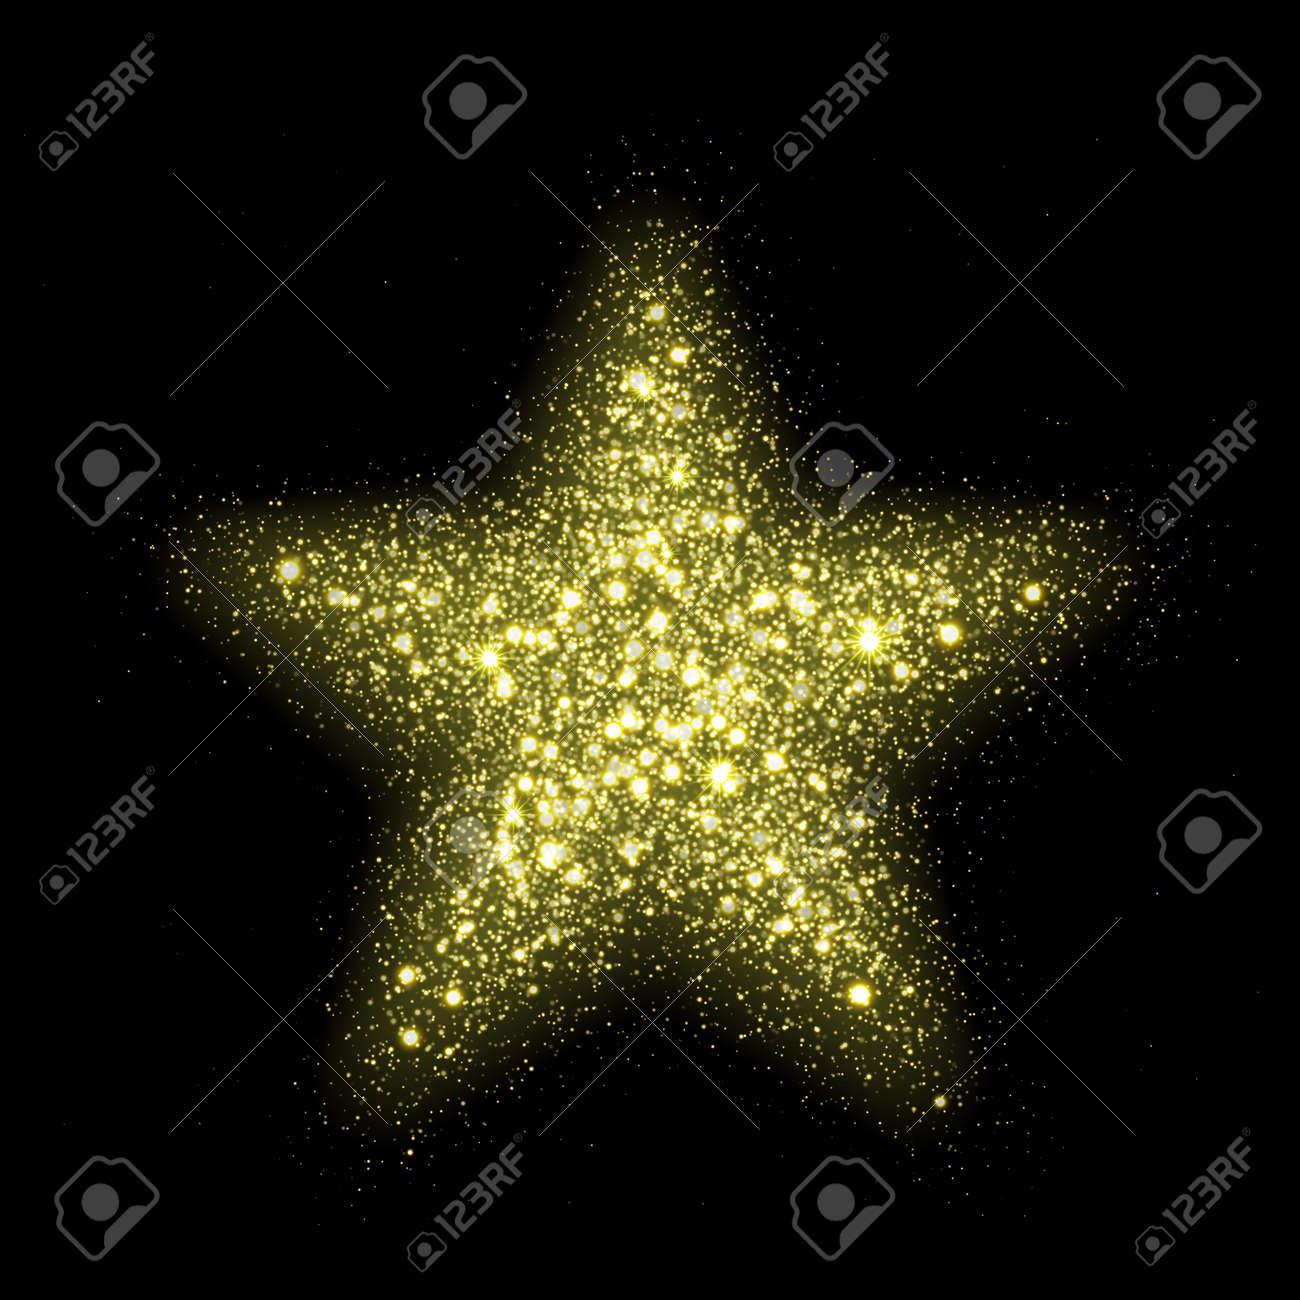 おしゃれな星 lensflare 輝きをベクトル空間で。暗黒宇宙銀河背景に粒子